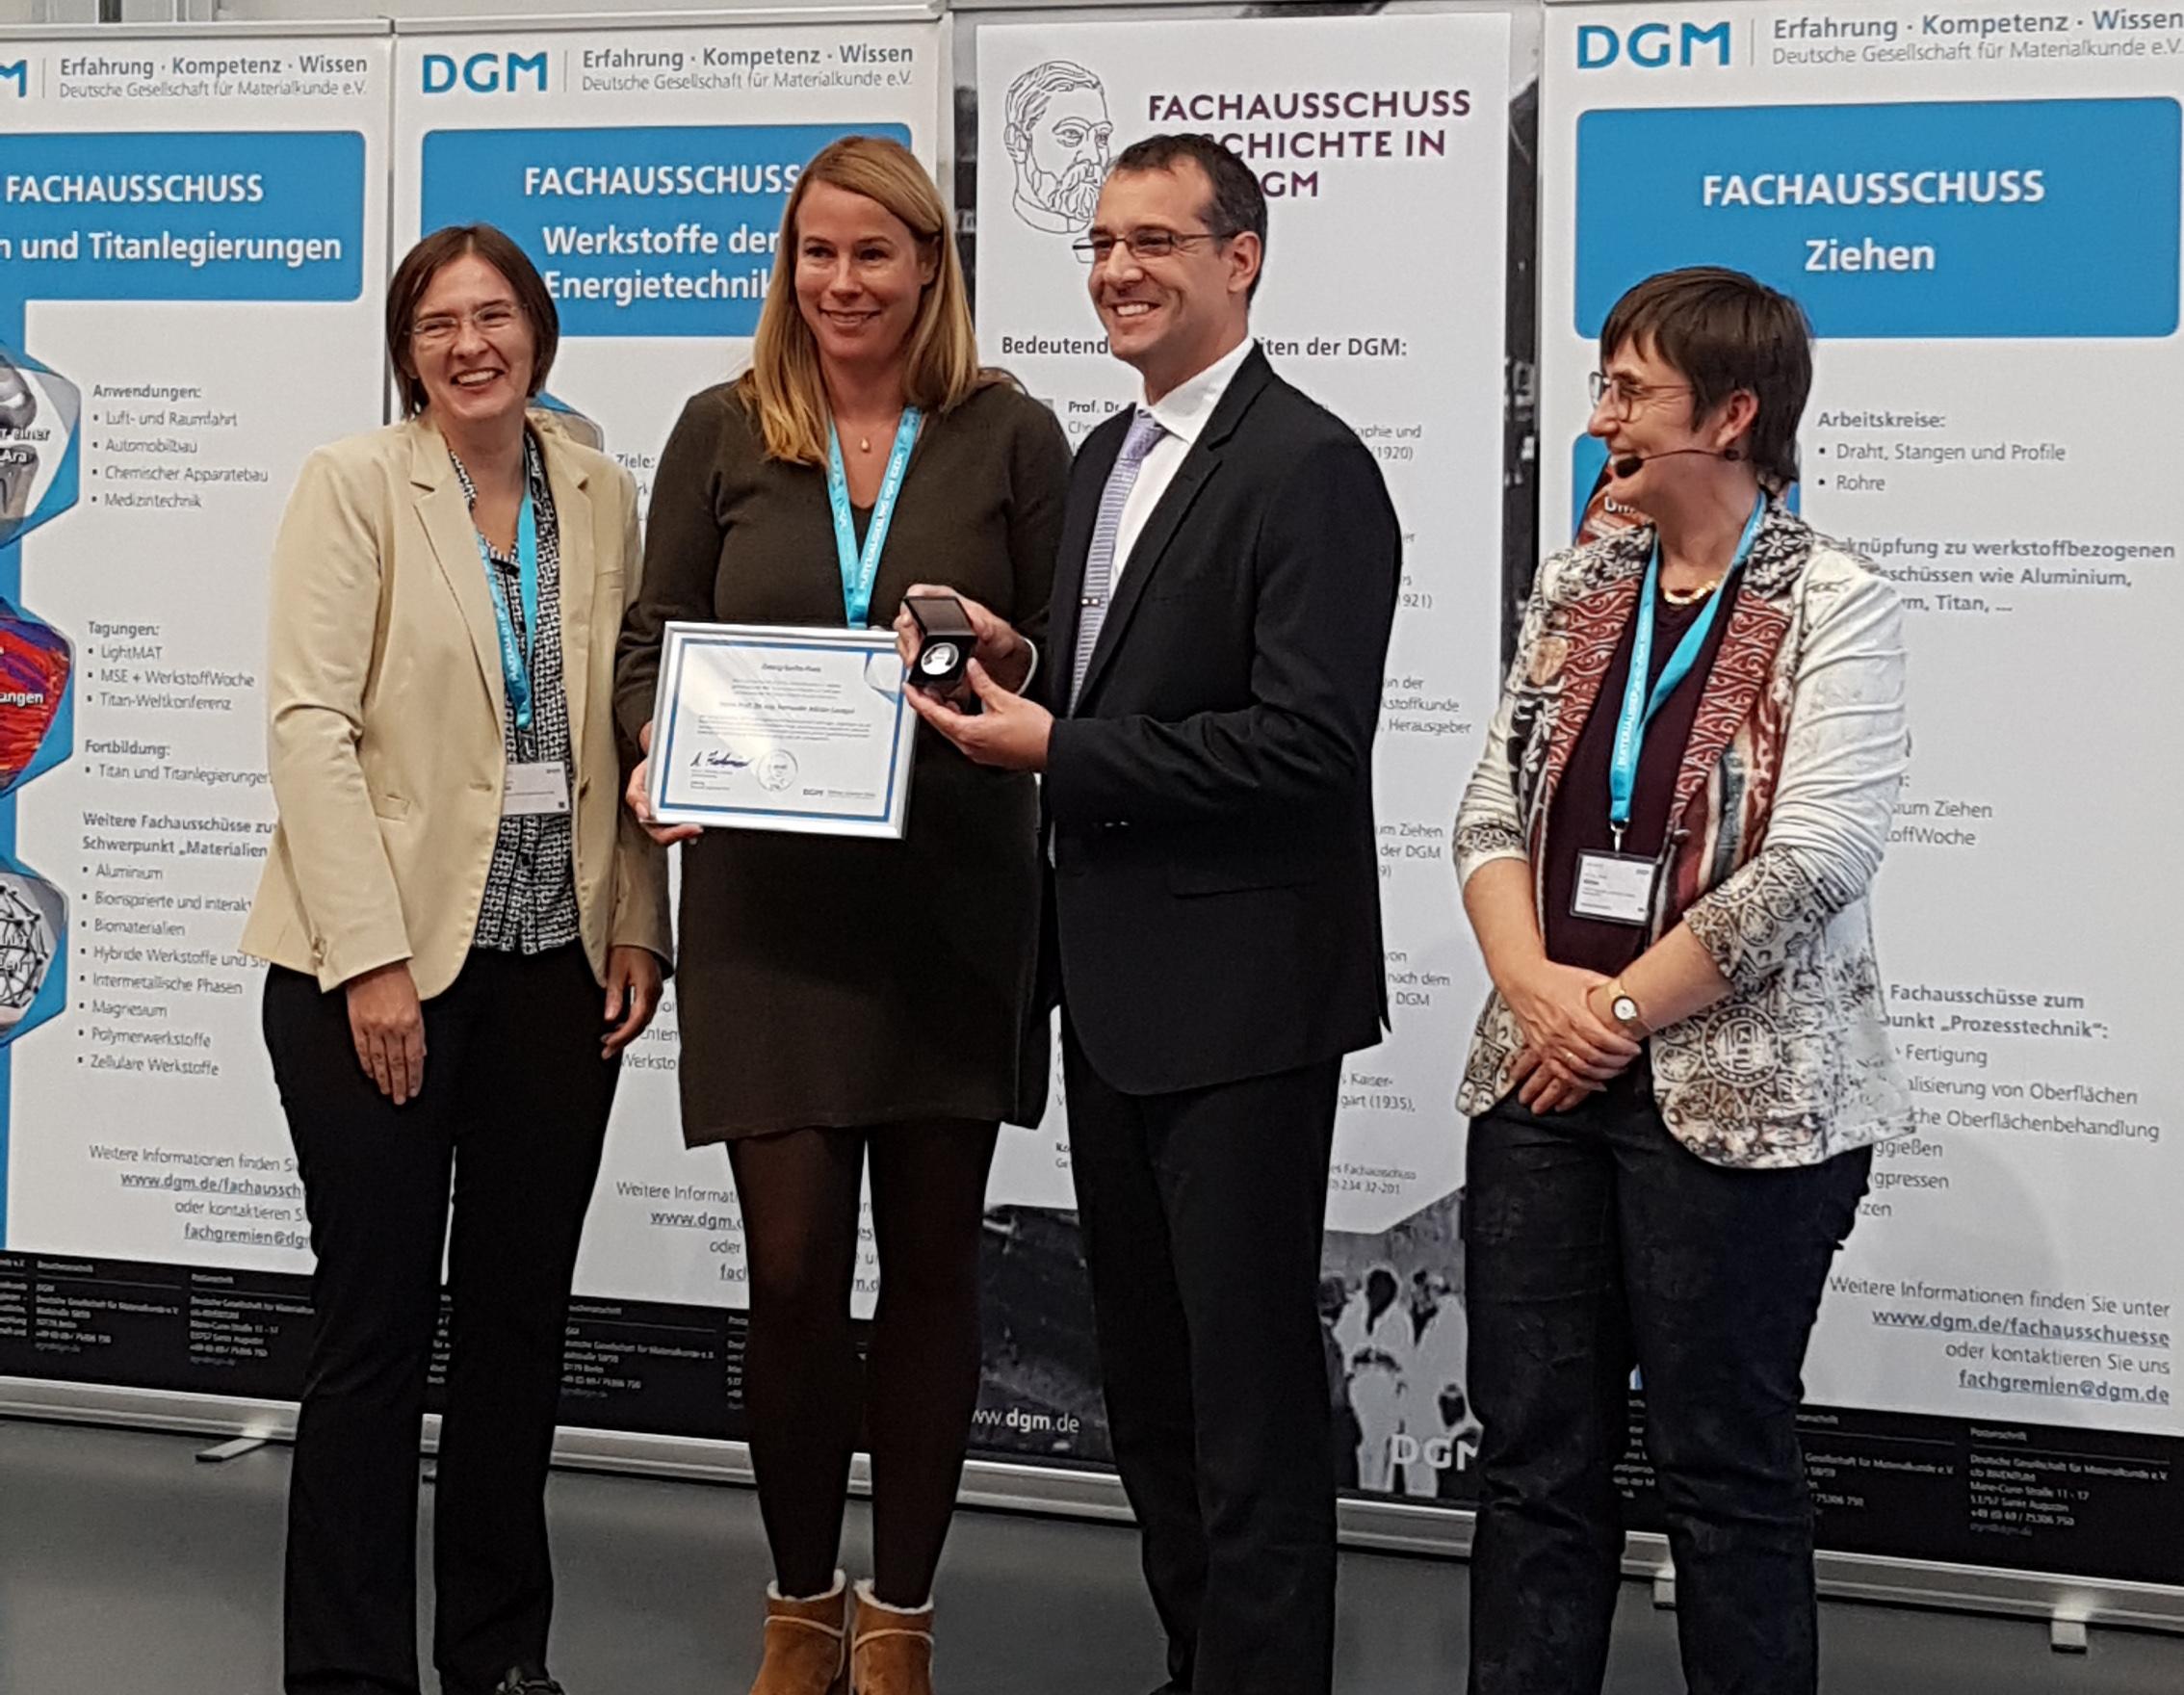 Fernando Lasagni, de CATEC, recibe un premio científico internacional por sus trabajos innovadores en la aplicación de la impresión 3D al sector aeroespacial